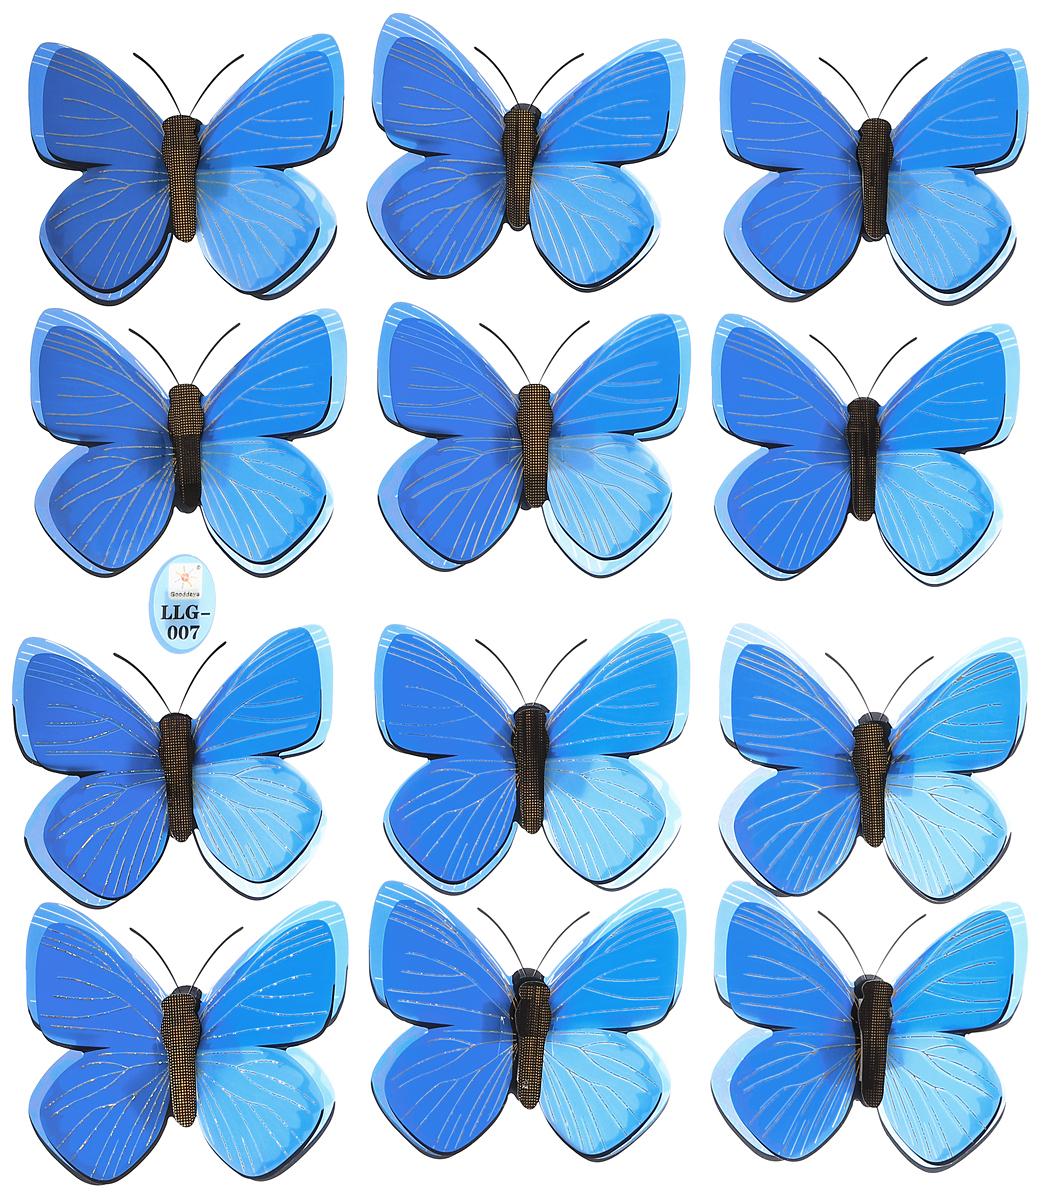 Room Decor Наклейка интерьерная 5D Полет бабочек цвет синий 12 шт